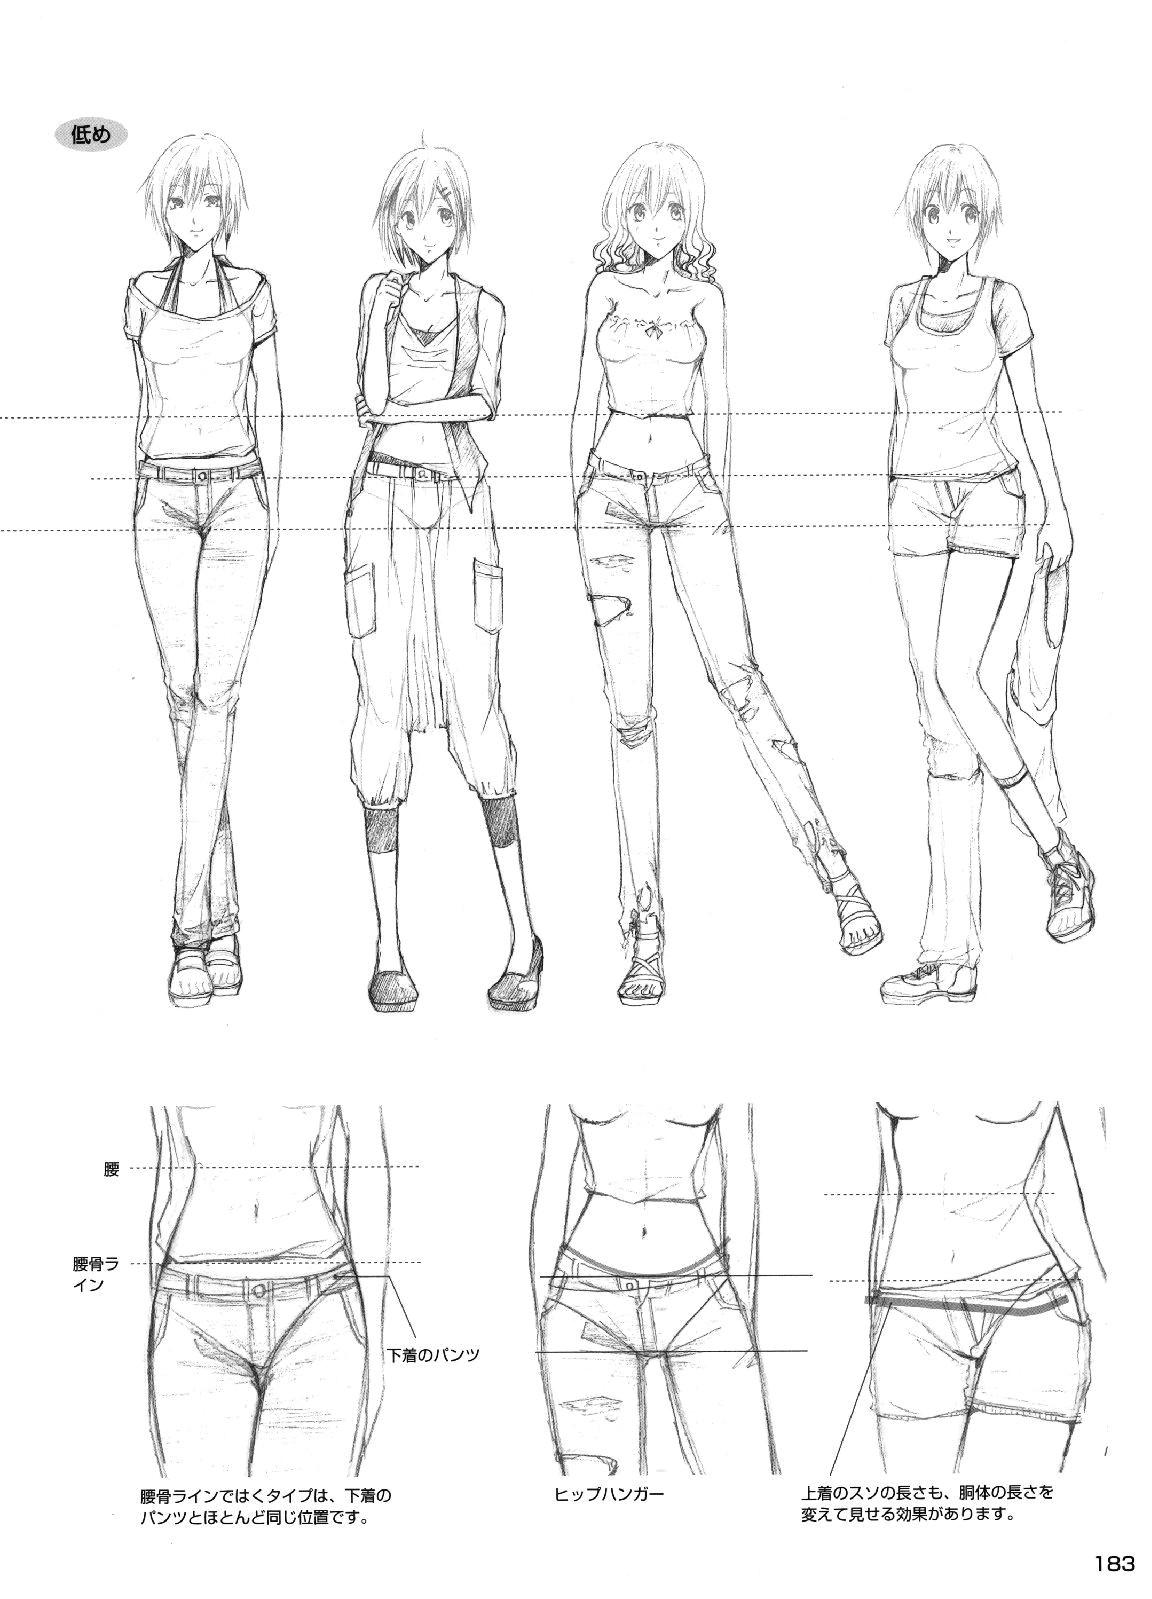 drawing anime clothes pants drawing manga girl drawing manga drawing tutorials manga